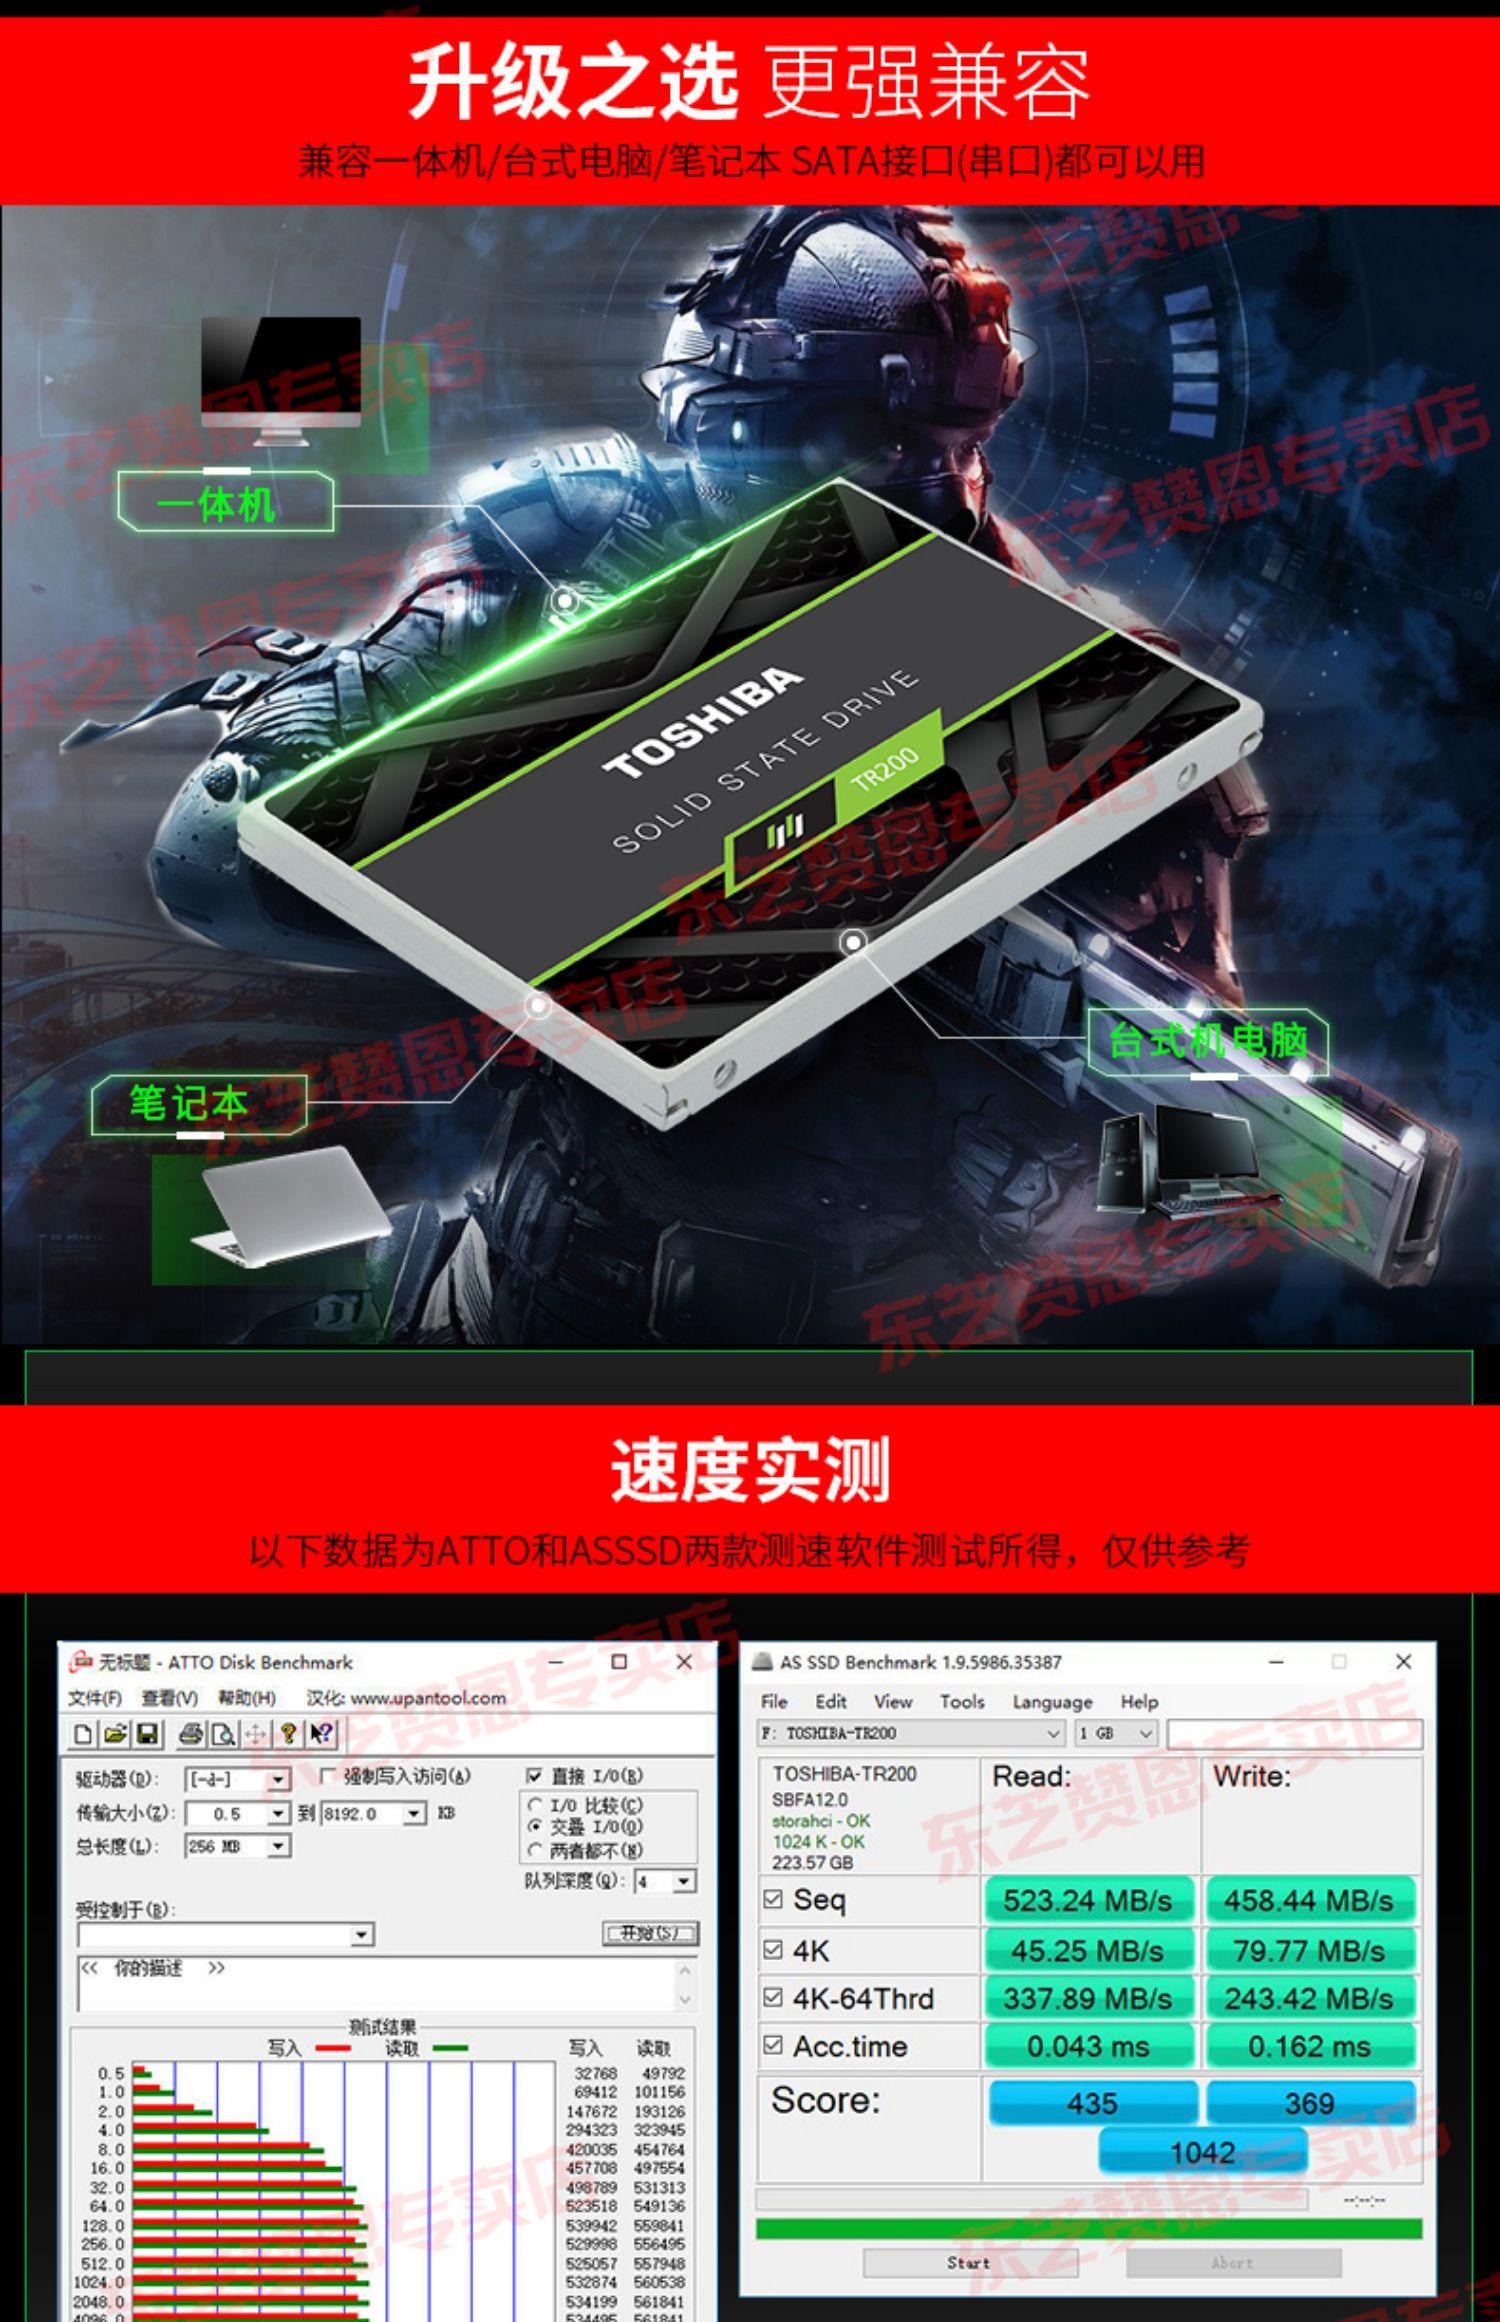 【到手229】Toshiba/东芝固态硬盘240g TR200 SSD 固态盘 台式机电脑笔记本固态硬盘 非256g 固态硬固盘商品详情图